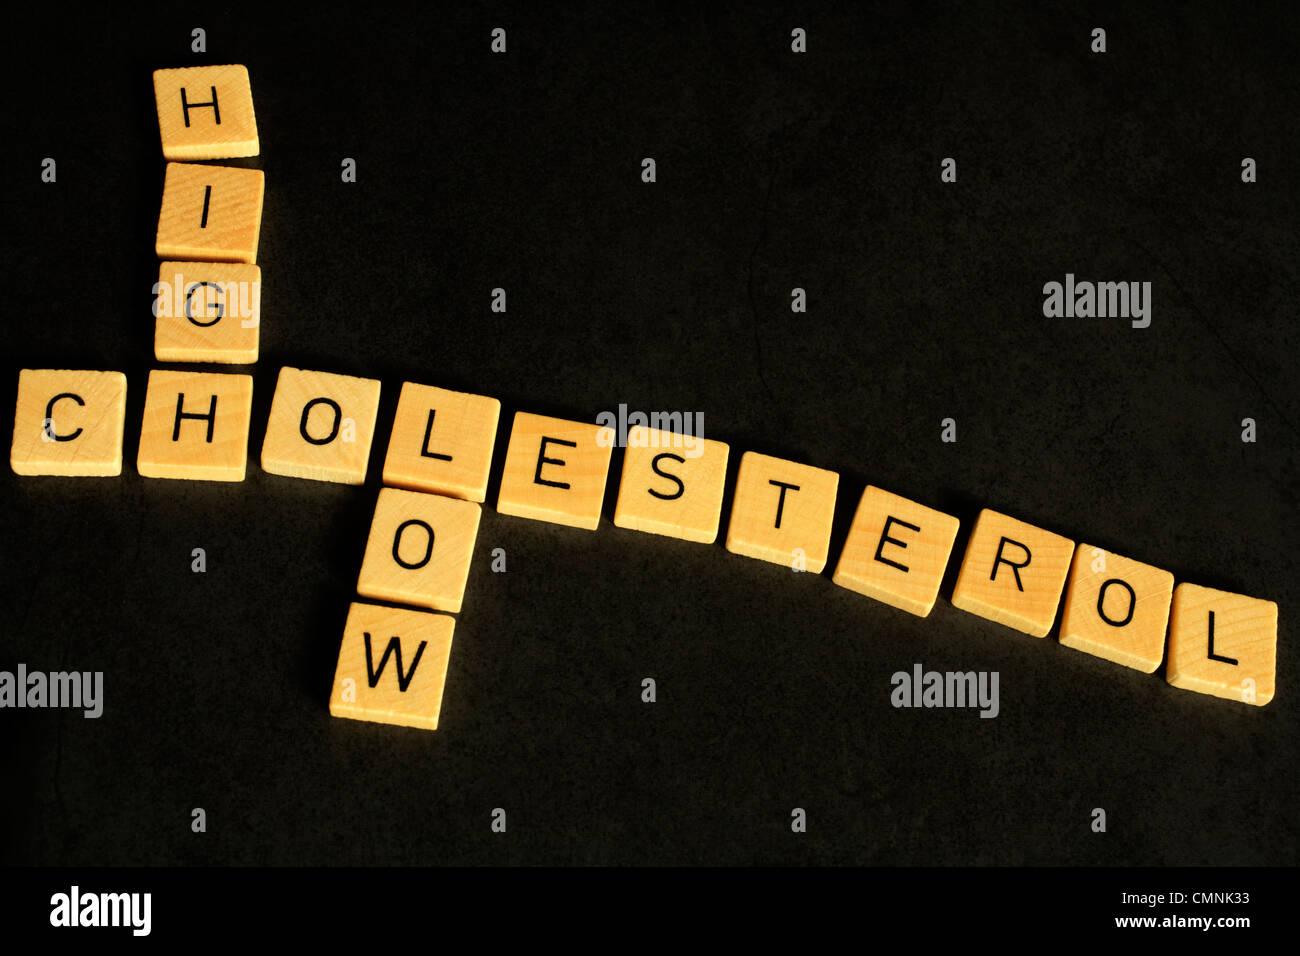 Ein konzeptioneller Blick auf Cholesterin, mit den Worten hoch und niedrig wie ein Kreuzworträtsel. Strukturiert Stockbild